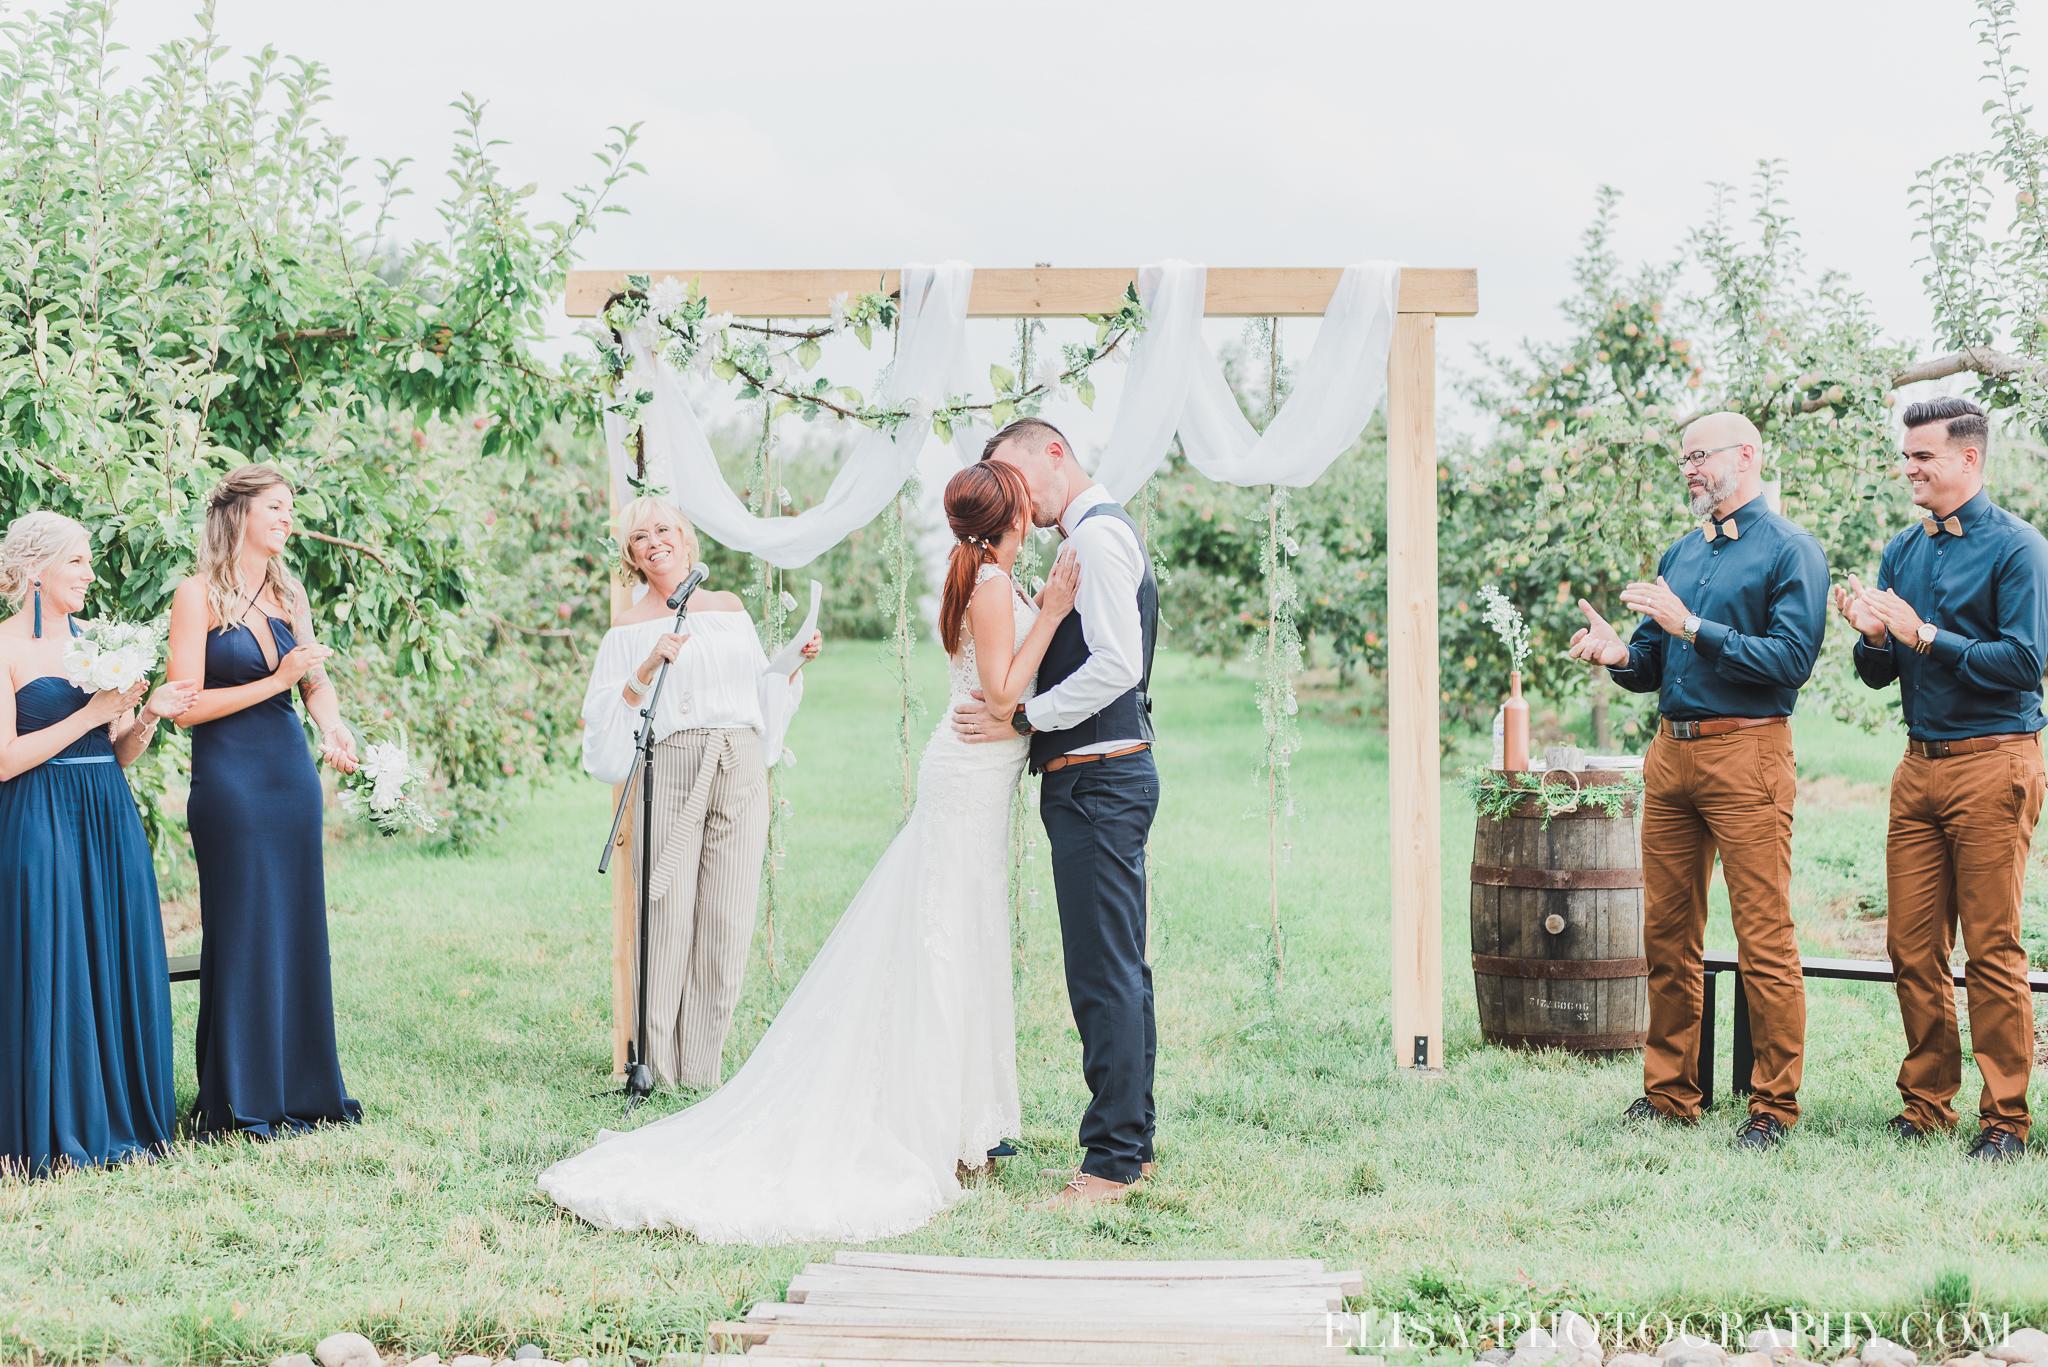 photo mariage ferme genest ceremonie verger pommier quebec 1517 - Smoke bomb et mariage dans les vergers de la Ferme Genest à Saint-Nicolas